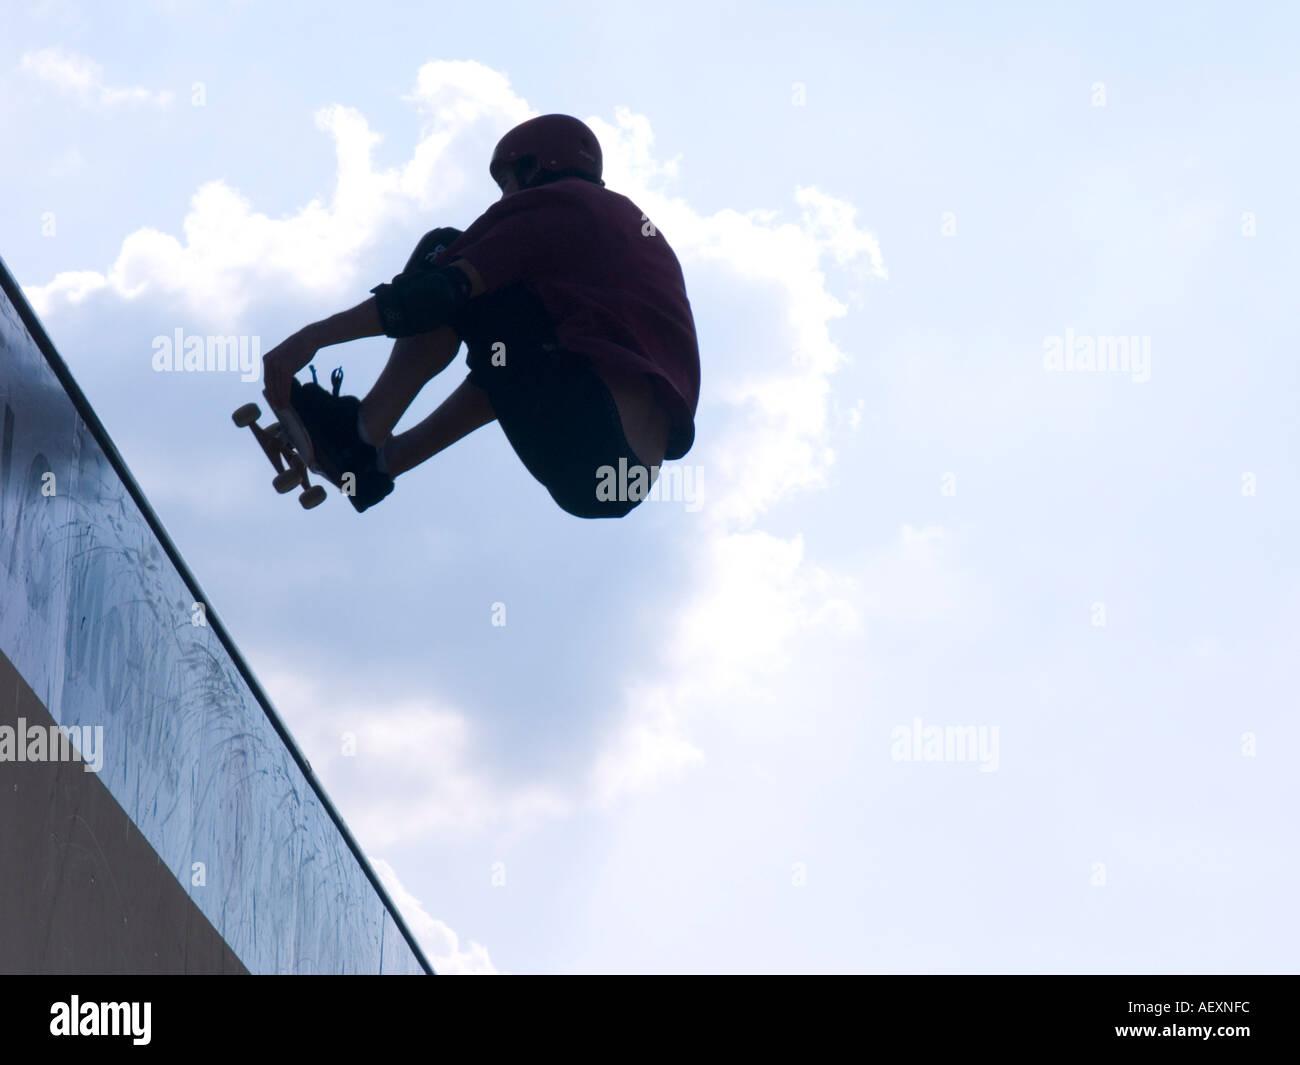 Roller skate xtreme - Roller Skate Rollerskating Skating Extreme Sport